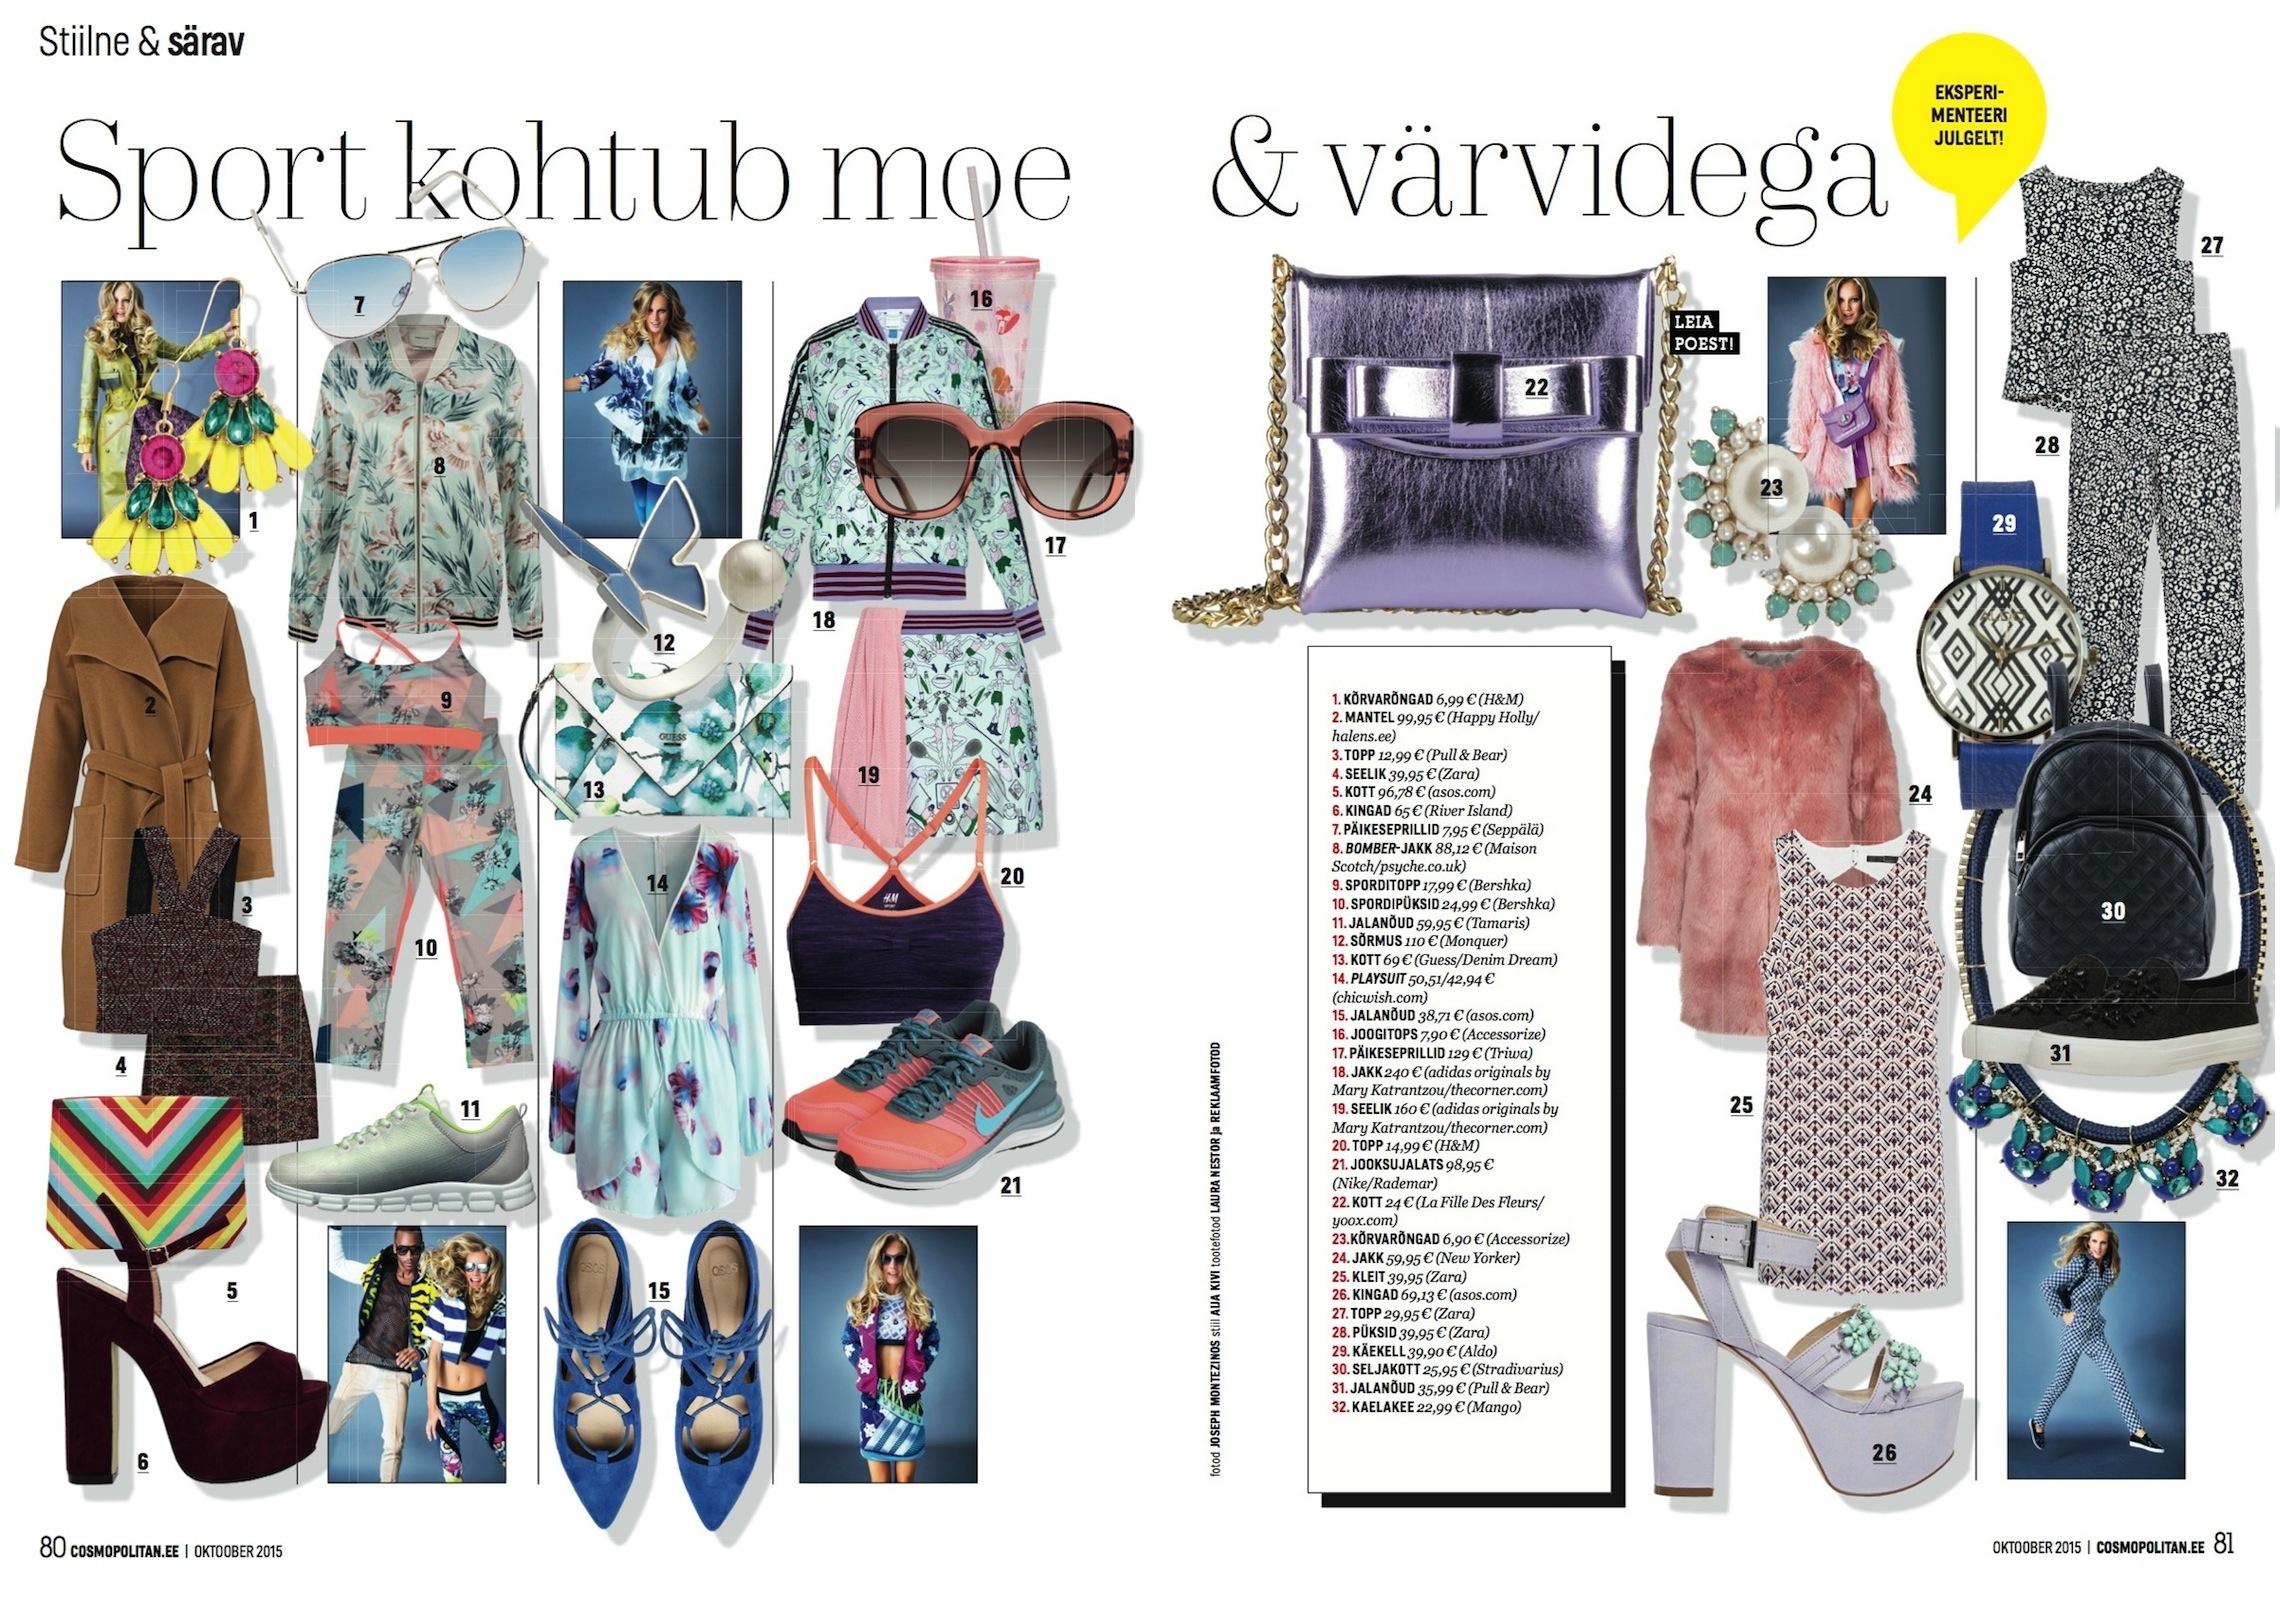 170-aija-kivi-for-cosmopolitan-estonia-magazine-stylist-fashion-editor-copy